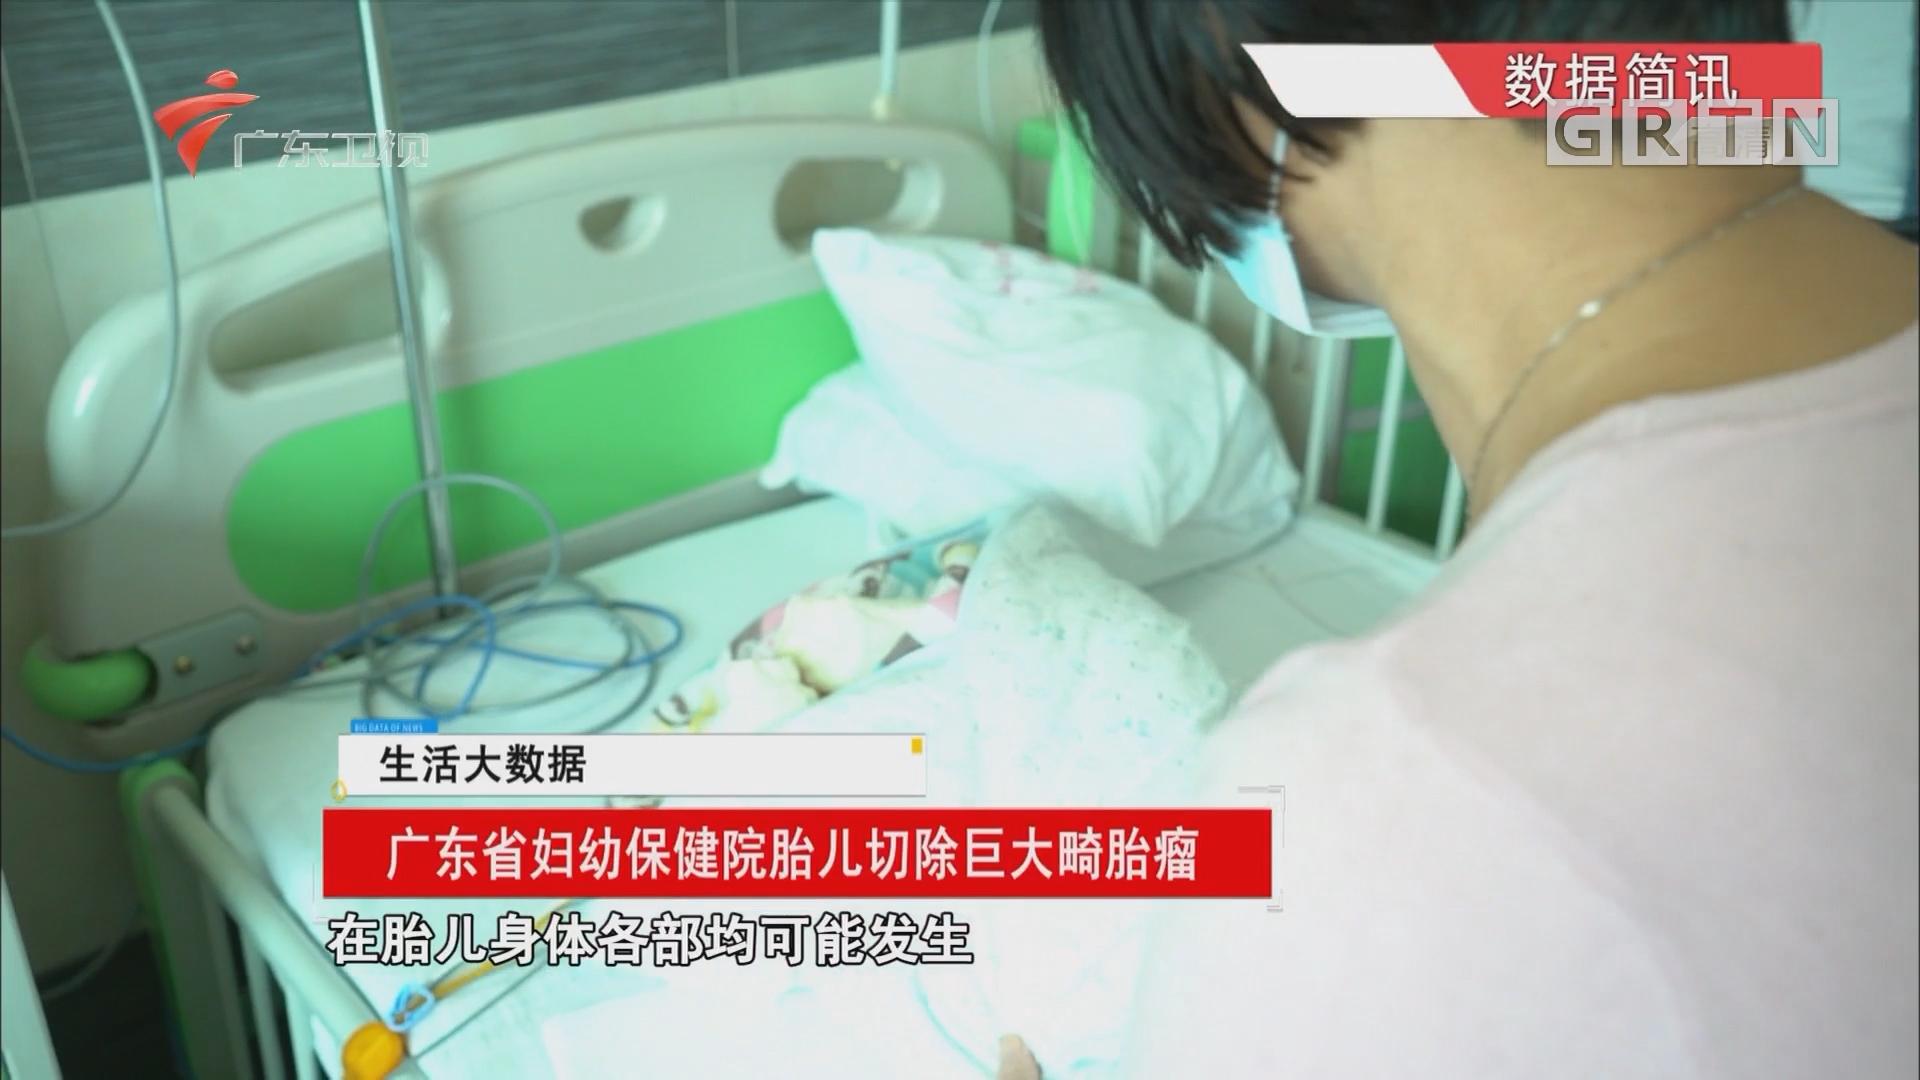 广东省妇幼保健院胎儿切除巨大畸胎瘤